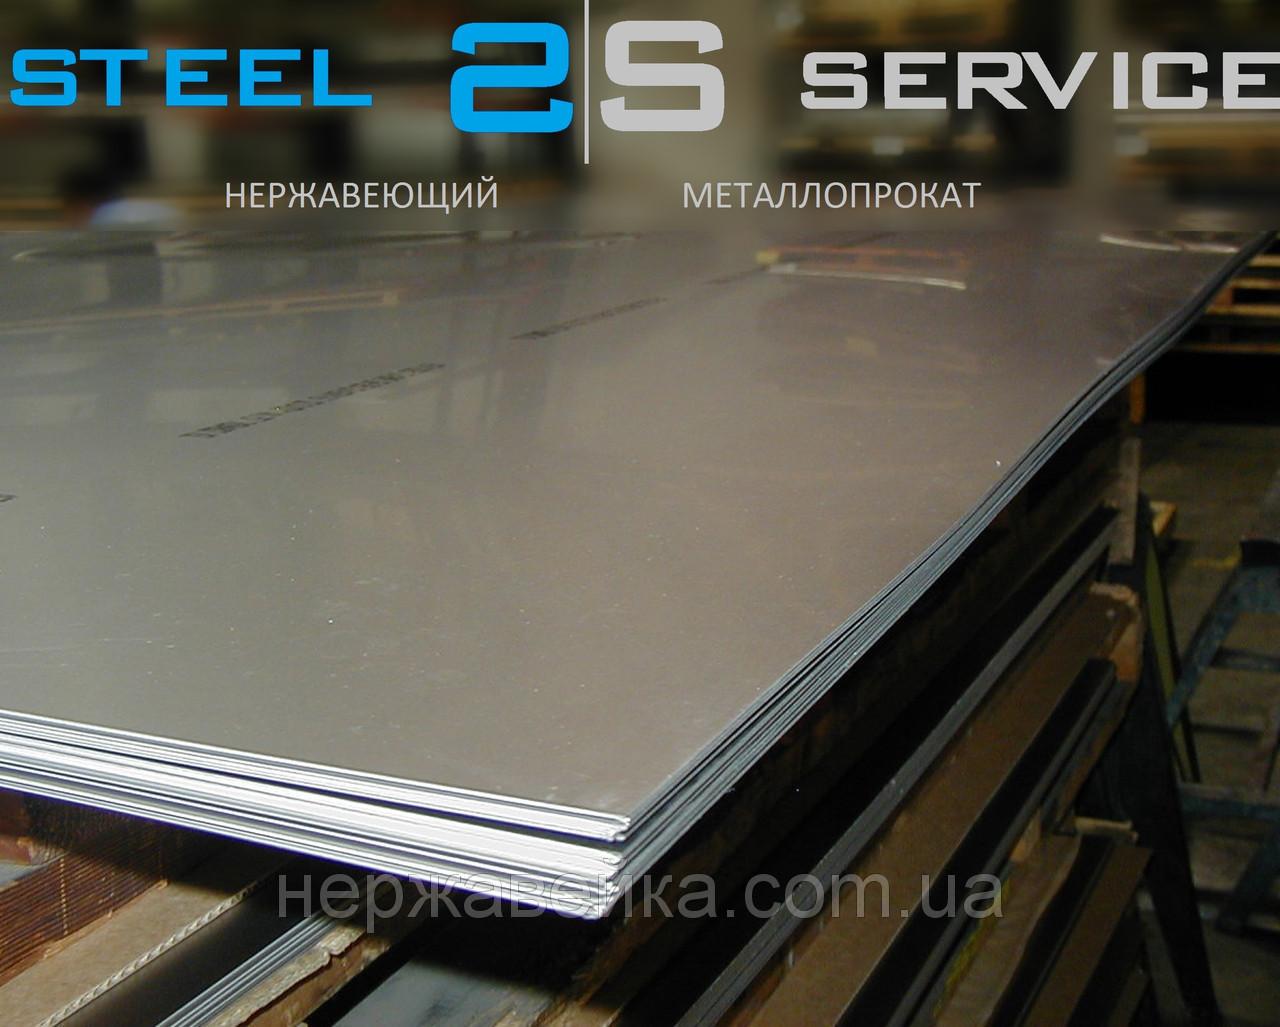 Нержавеющий лист 10х1000х2000мм  AISI 310(20Х23Н18) F1 - горячекатанный,  жаропрочный